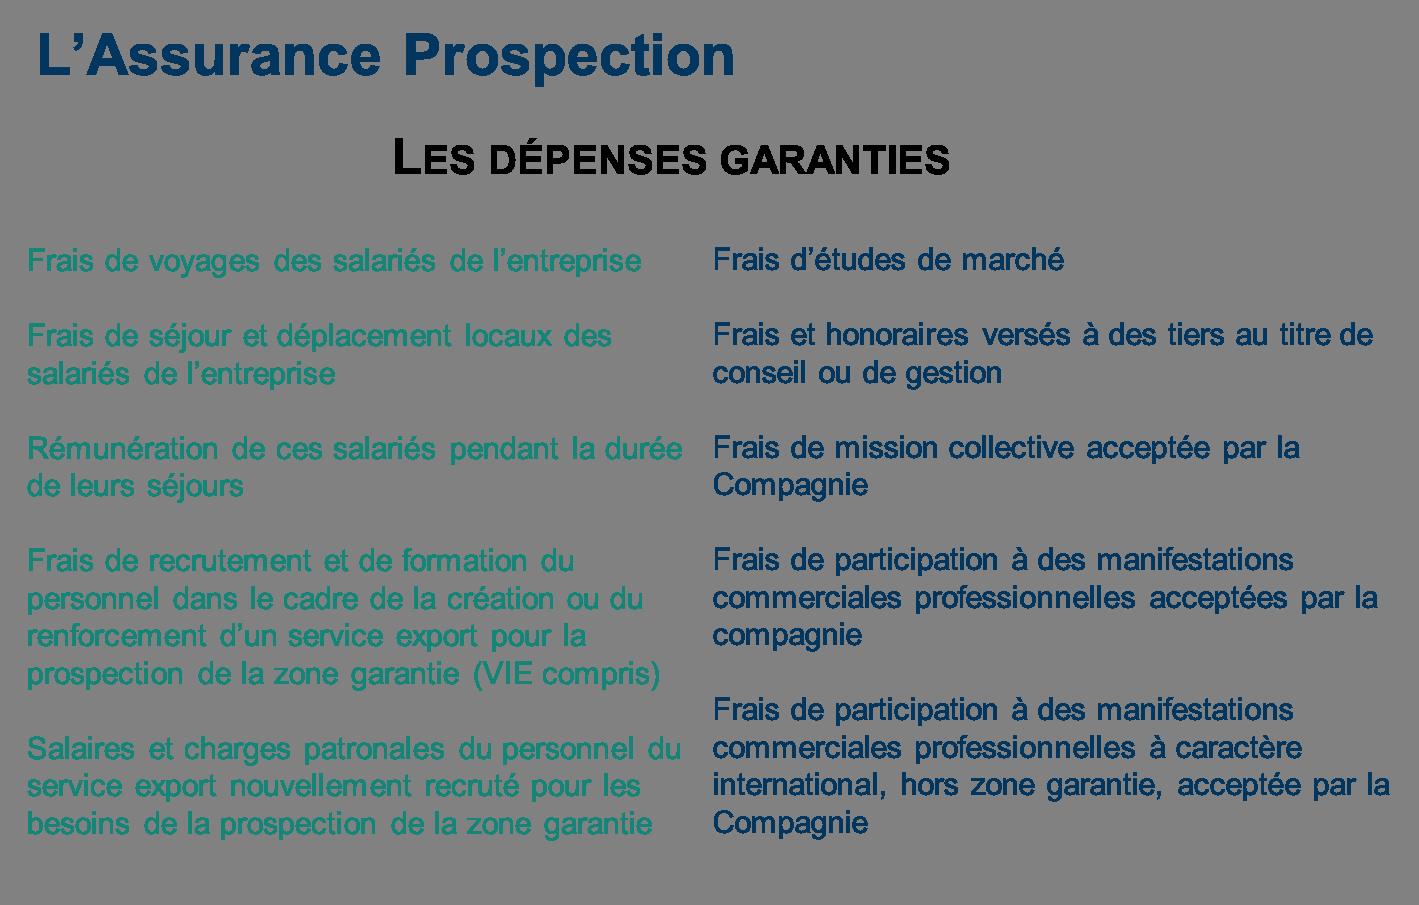 Coface : les dépenses garanties par l'assurance prospection - 1